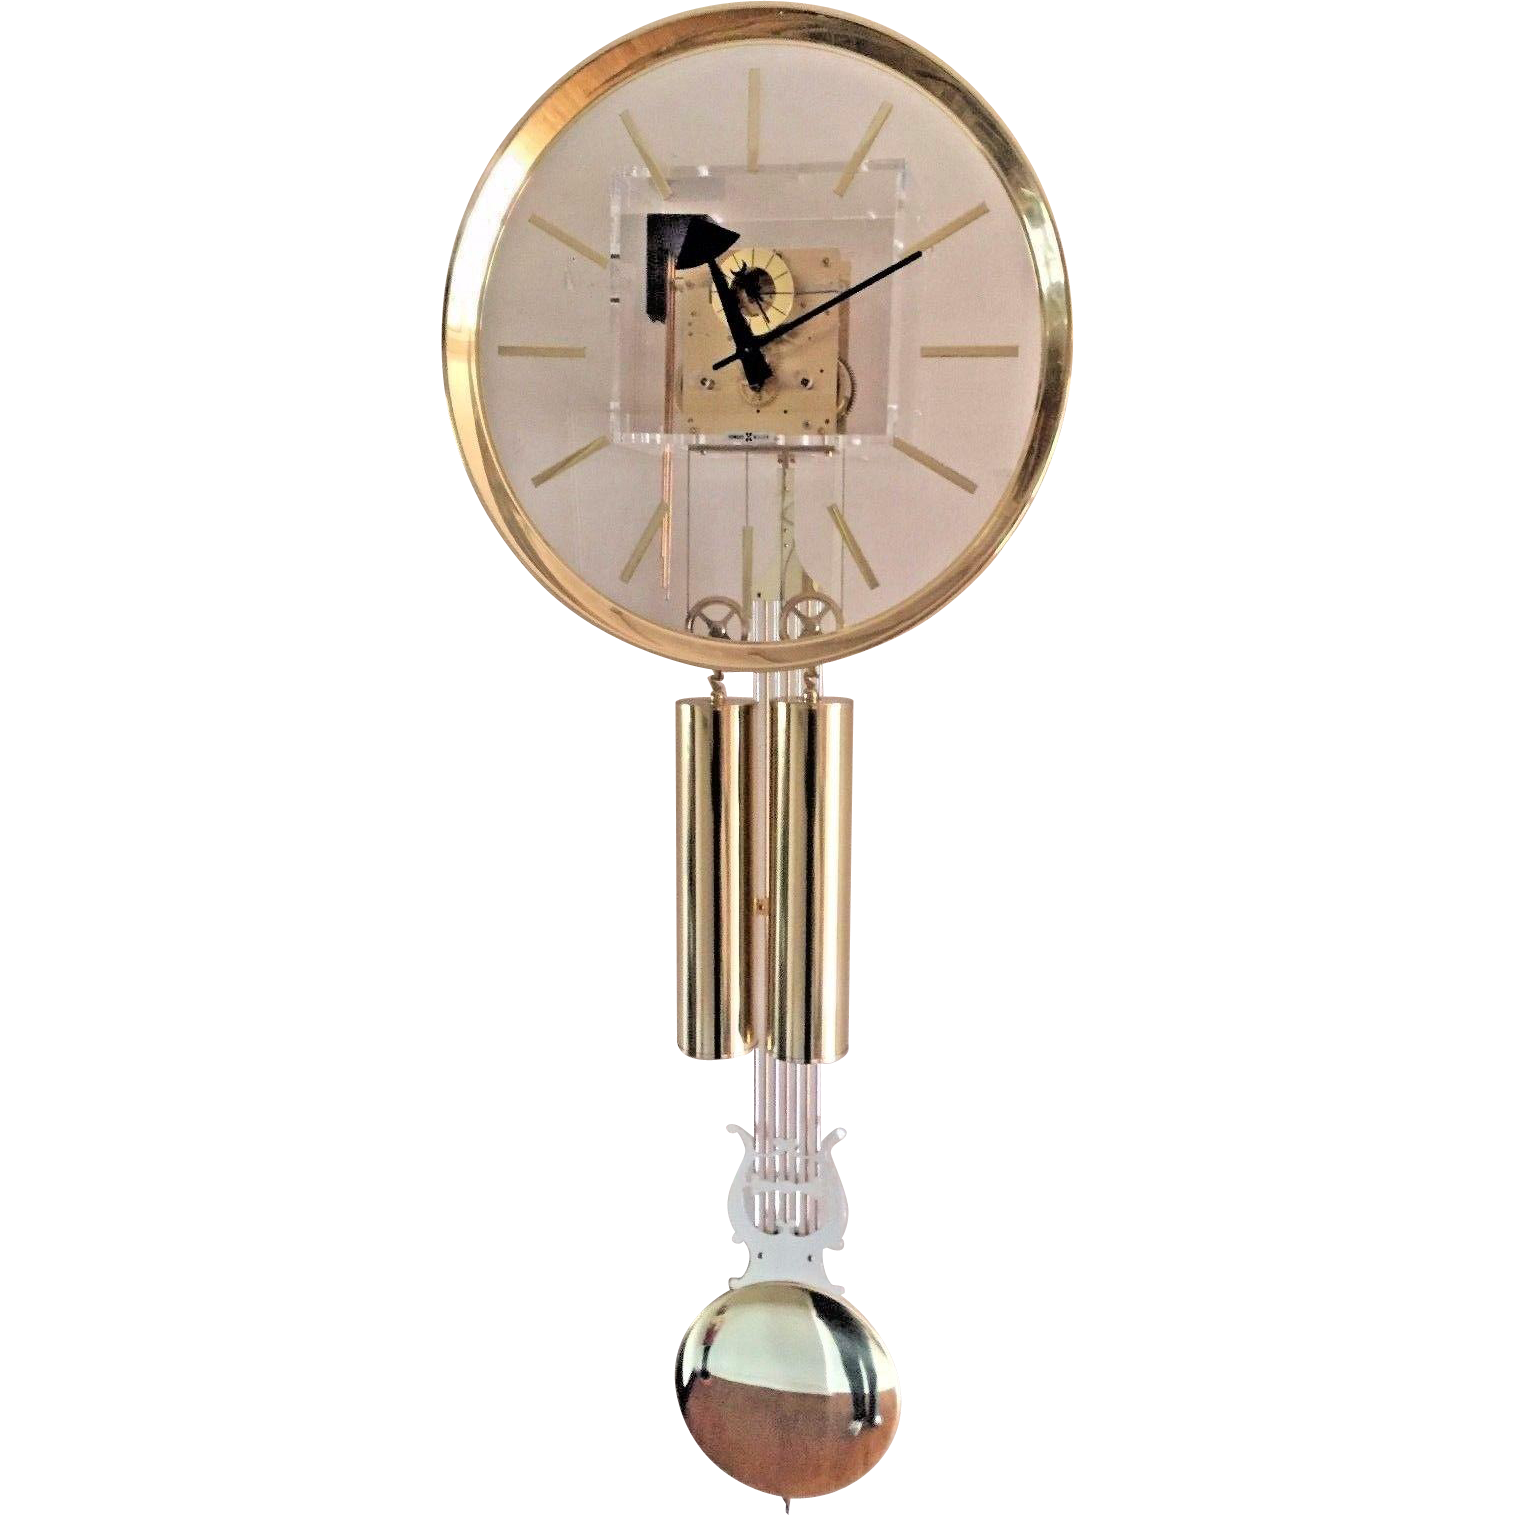 Vtg Howard Miller George Nelson Designed Mid Century Lucite Wall Clock Timelesstokensde Ruby Lane